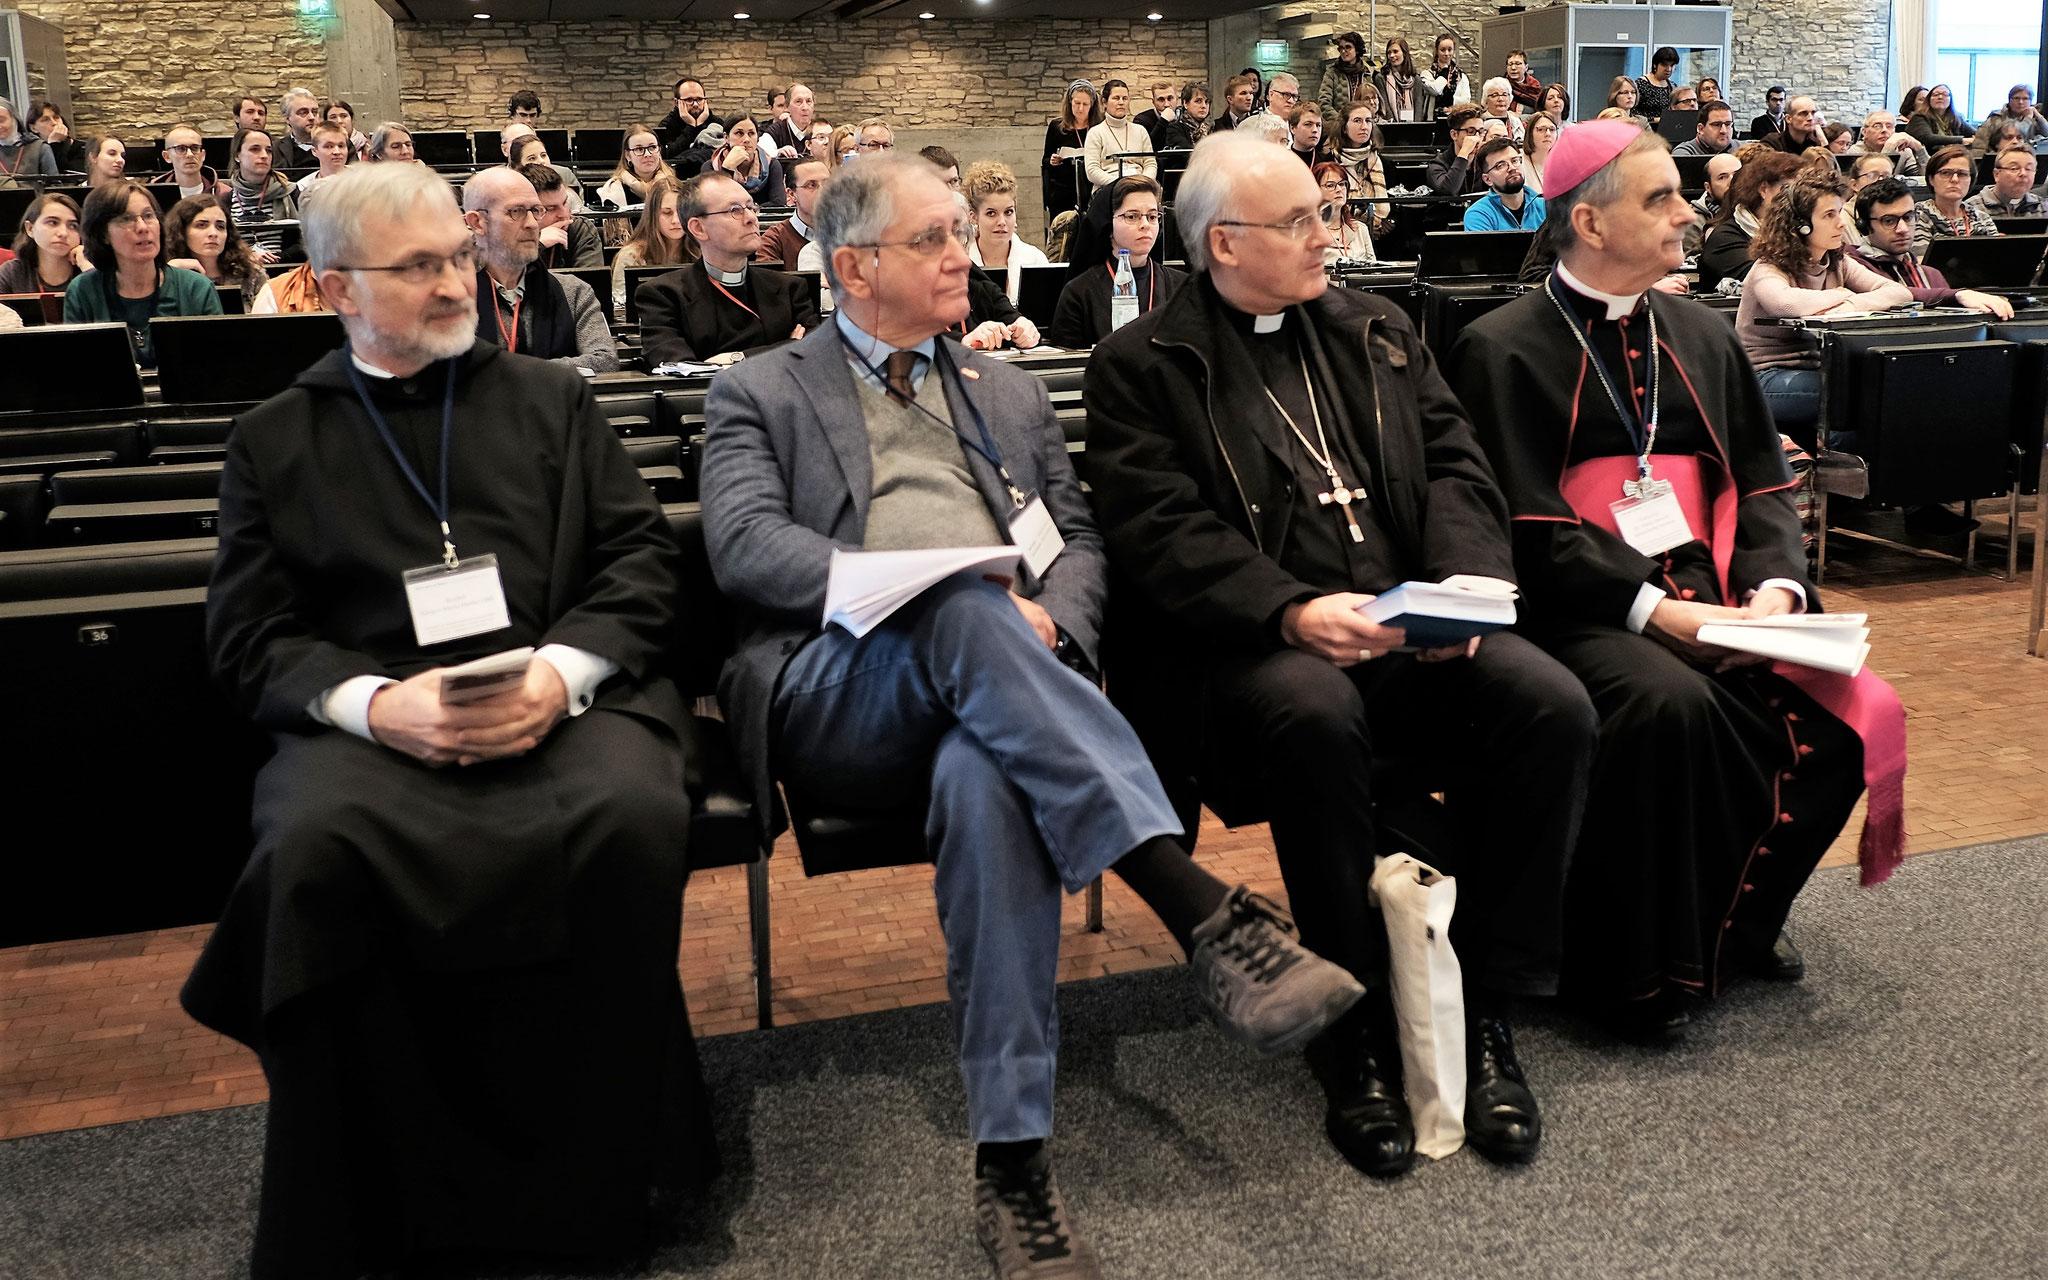 Bischof Dr. Gregor Maria Hanke, Prof. Buttiglione, Bischof Rudolf Voderholzer, Erzbischof Dr. Nikola Eterovic